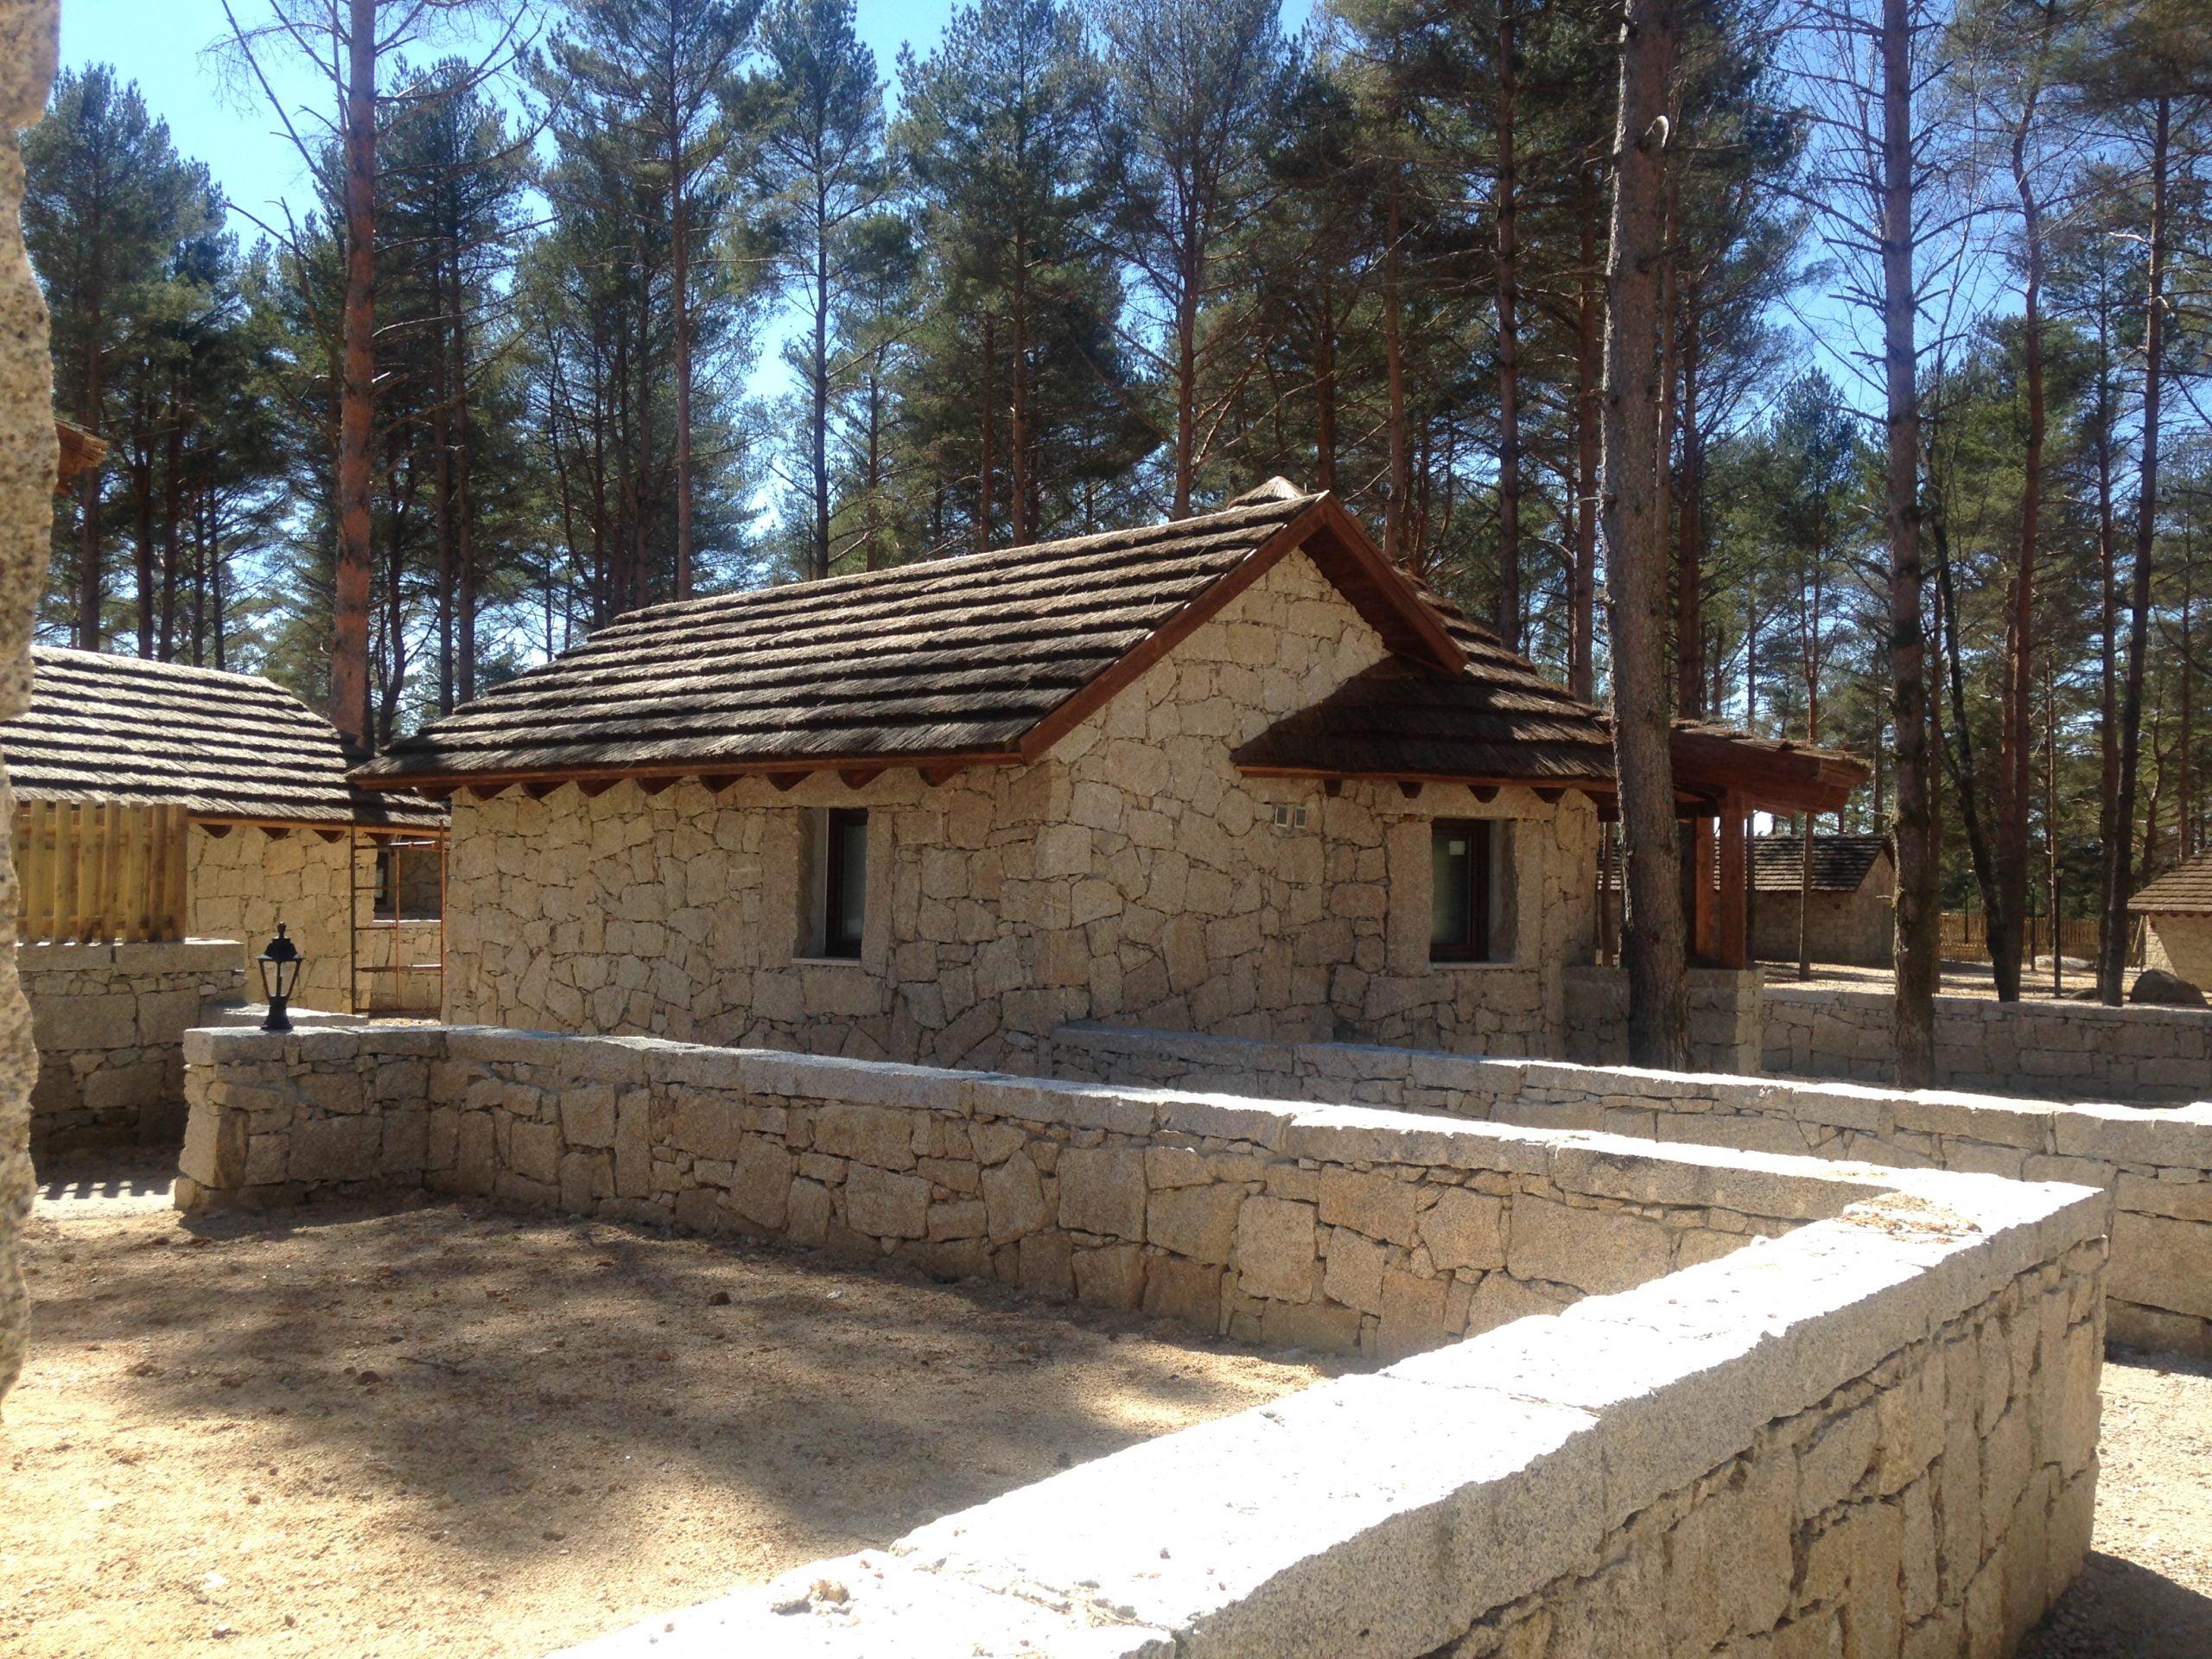 Aldeia Rural e Parque Campismo do Alvão - Município de Vila Pouca de Aguiar